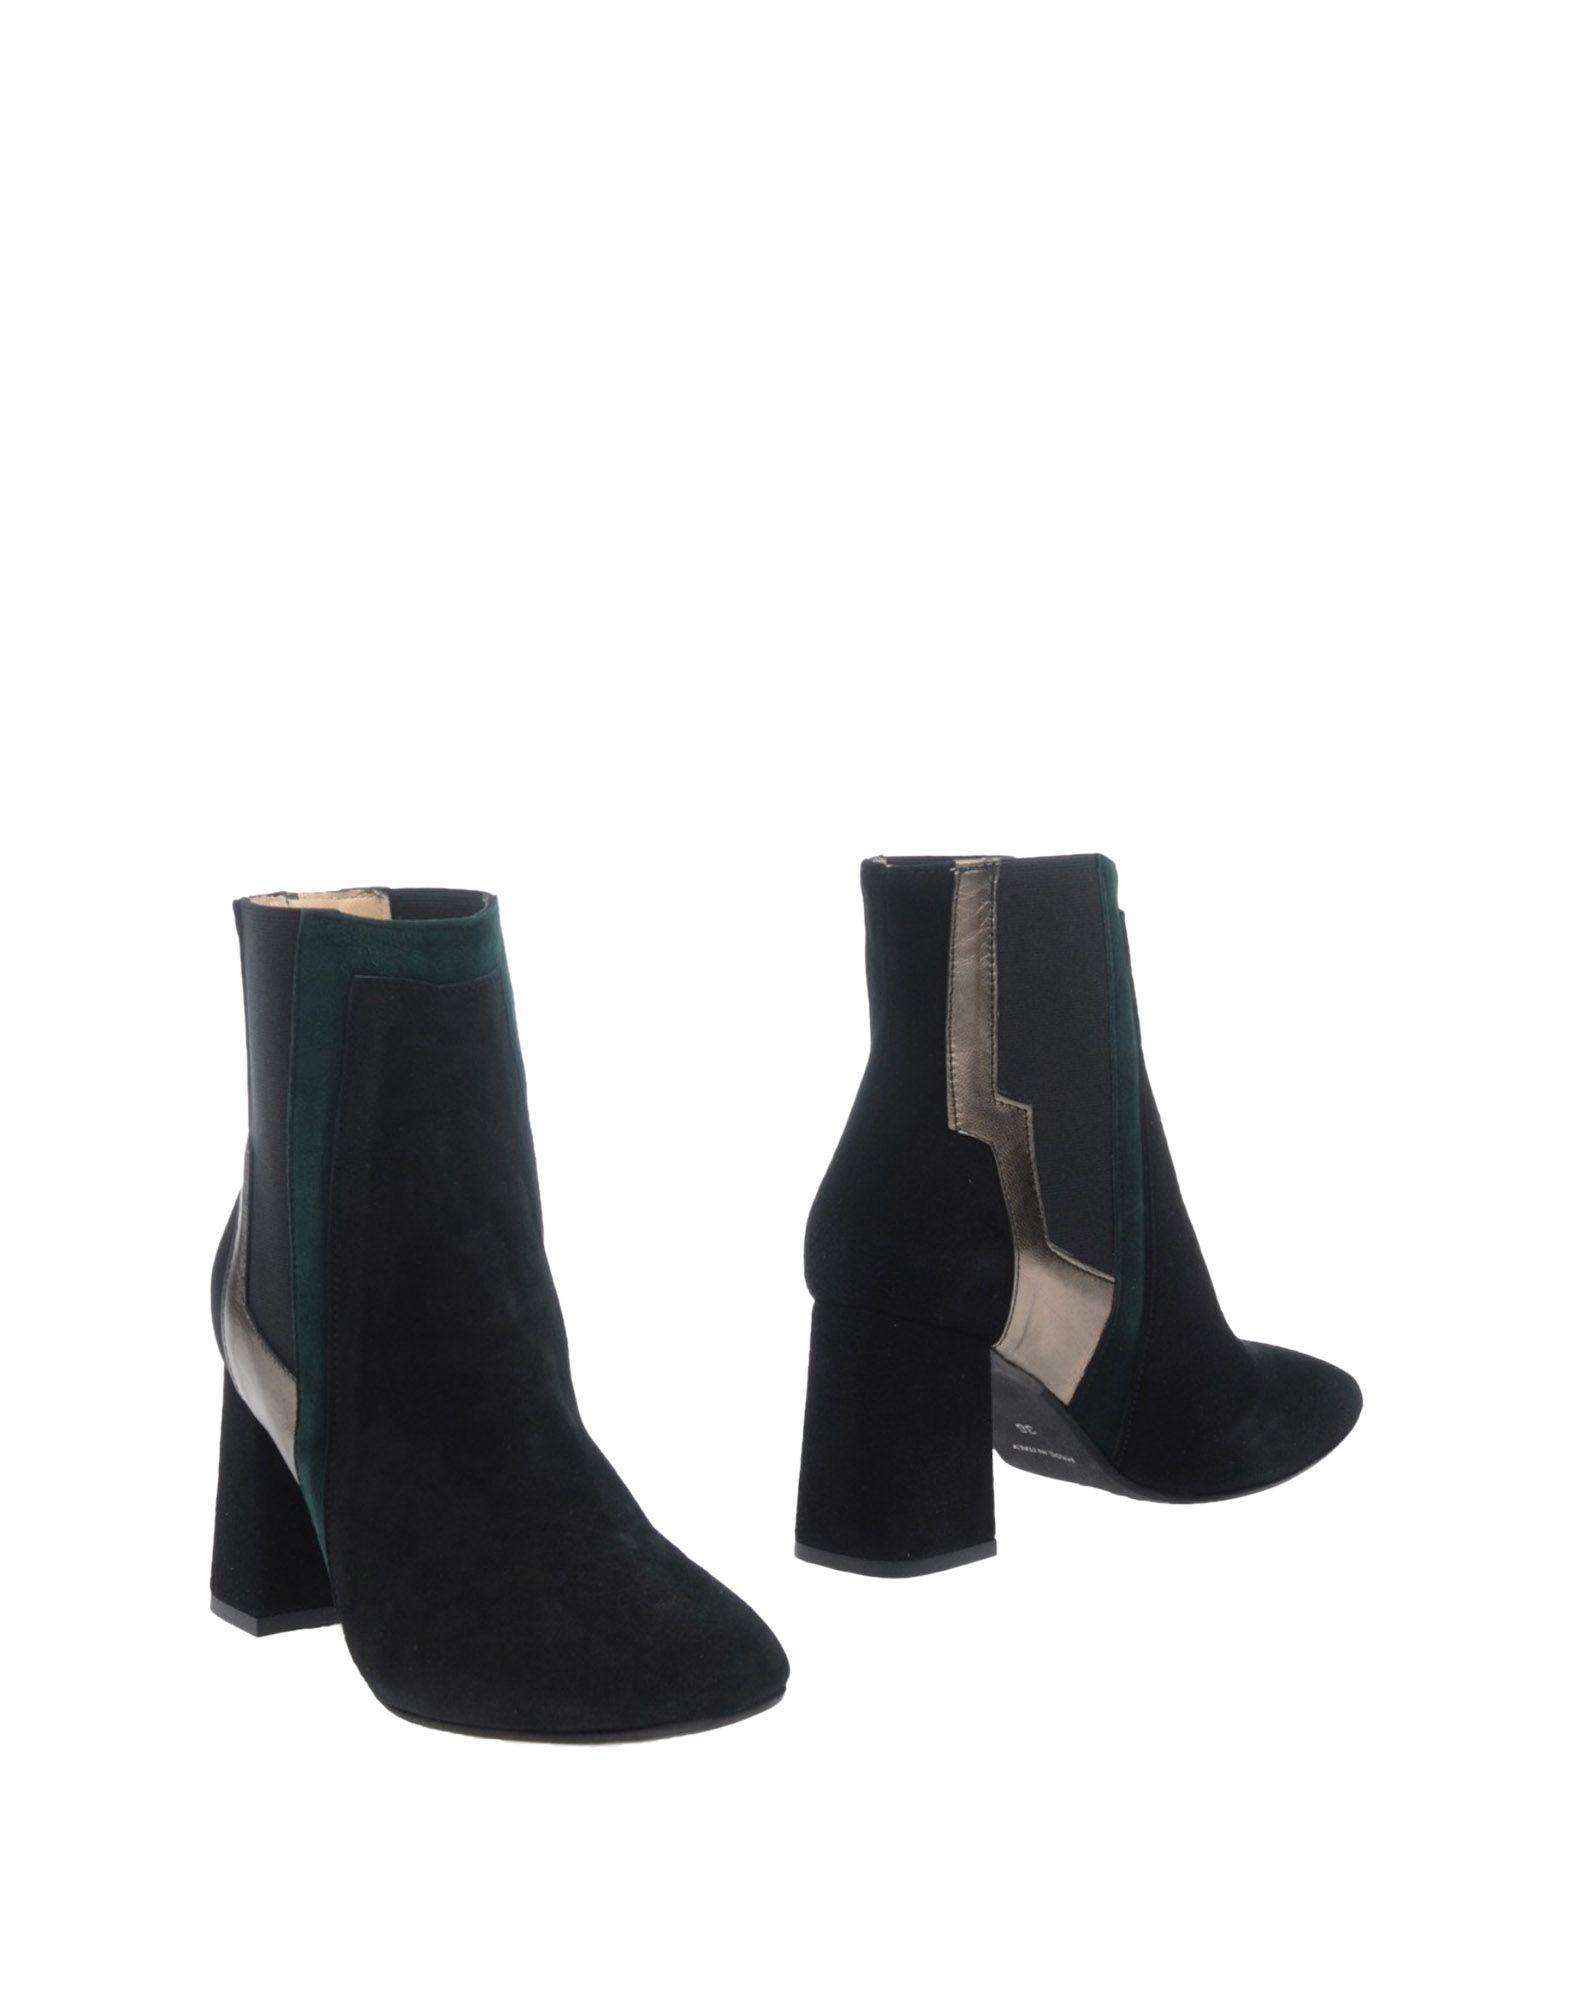 Bagatt Stiefelette Damen  11293793IR Gute Qualität beliebte Schuhe